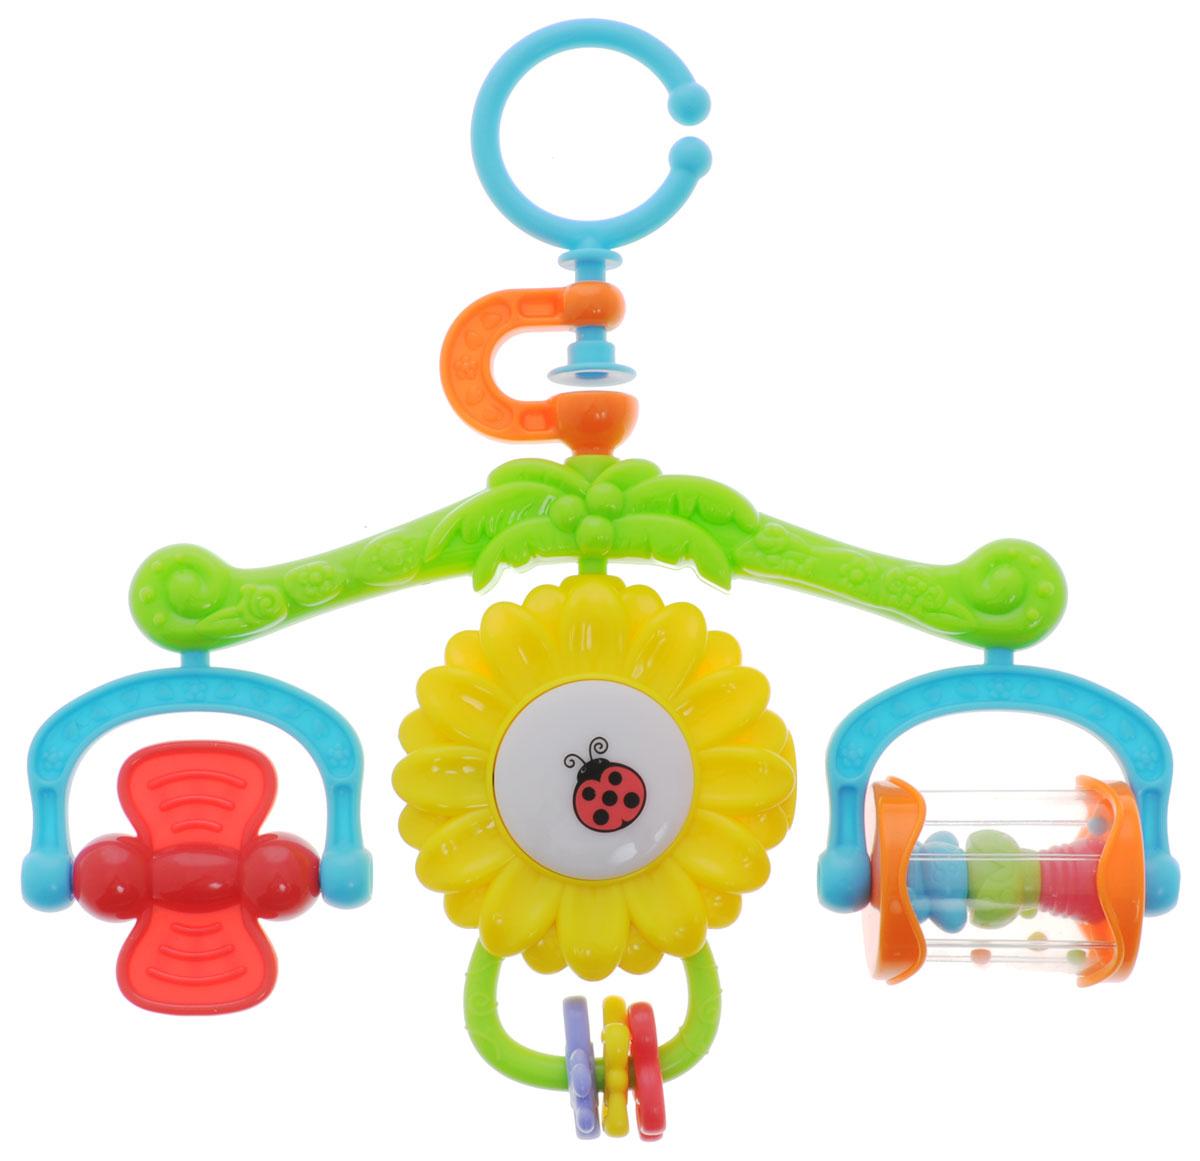 Playgo Музыкальный мобиль СолнышкоPlay 2199Малыш с самого появления начинает усваивать звуки, запахи, формы. Поэтому начинать развитие ребенка необходимо с самого рождения. Для этой цели отлично подойдет музыкальный мобиль Playgo Солнышко. С помощью игрушки ребенок будет учиться концентрировать свой взгляд на движущихся объектах, различать формы и цвета, а также пытаться тянуть ручки к движущимся игрушкам. Подсолнух в центре мигает огоньками, благодаря чему малыш не будет бояться темноты. Мелодии, которые воспроизводит мобиль, помогут ребенку быстрее заснуть. Крепить мобиль нужно на купол коляски таким образом, чтобы расстояние от глаз малыша до игрушек не превышало 30 сантиметров, и чтобы игрушки крутились над грудью ребенка для удобной фокусировки зрения. Необходимо купить 3 батарейки напряжением 1,5V типа ААА (не входят в комплект).